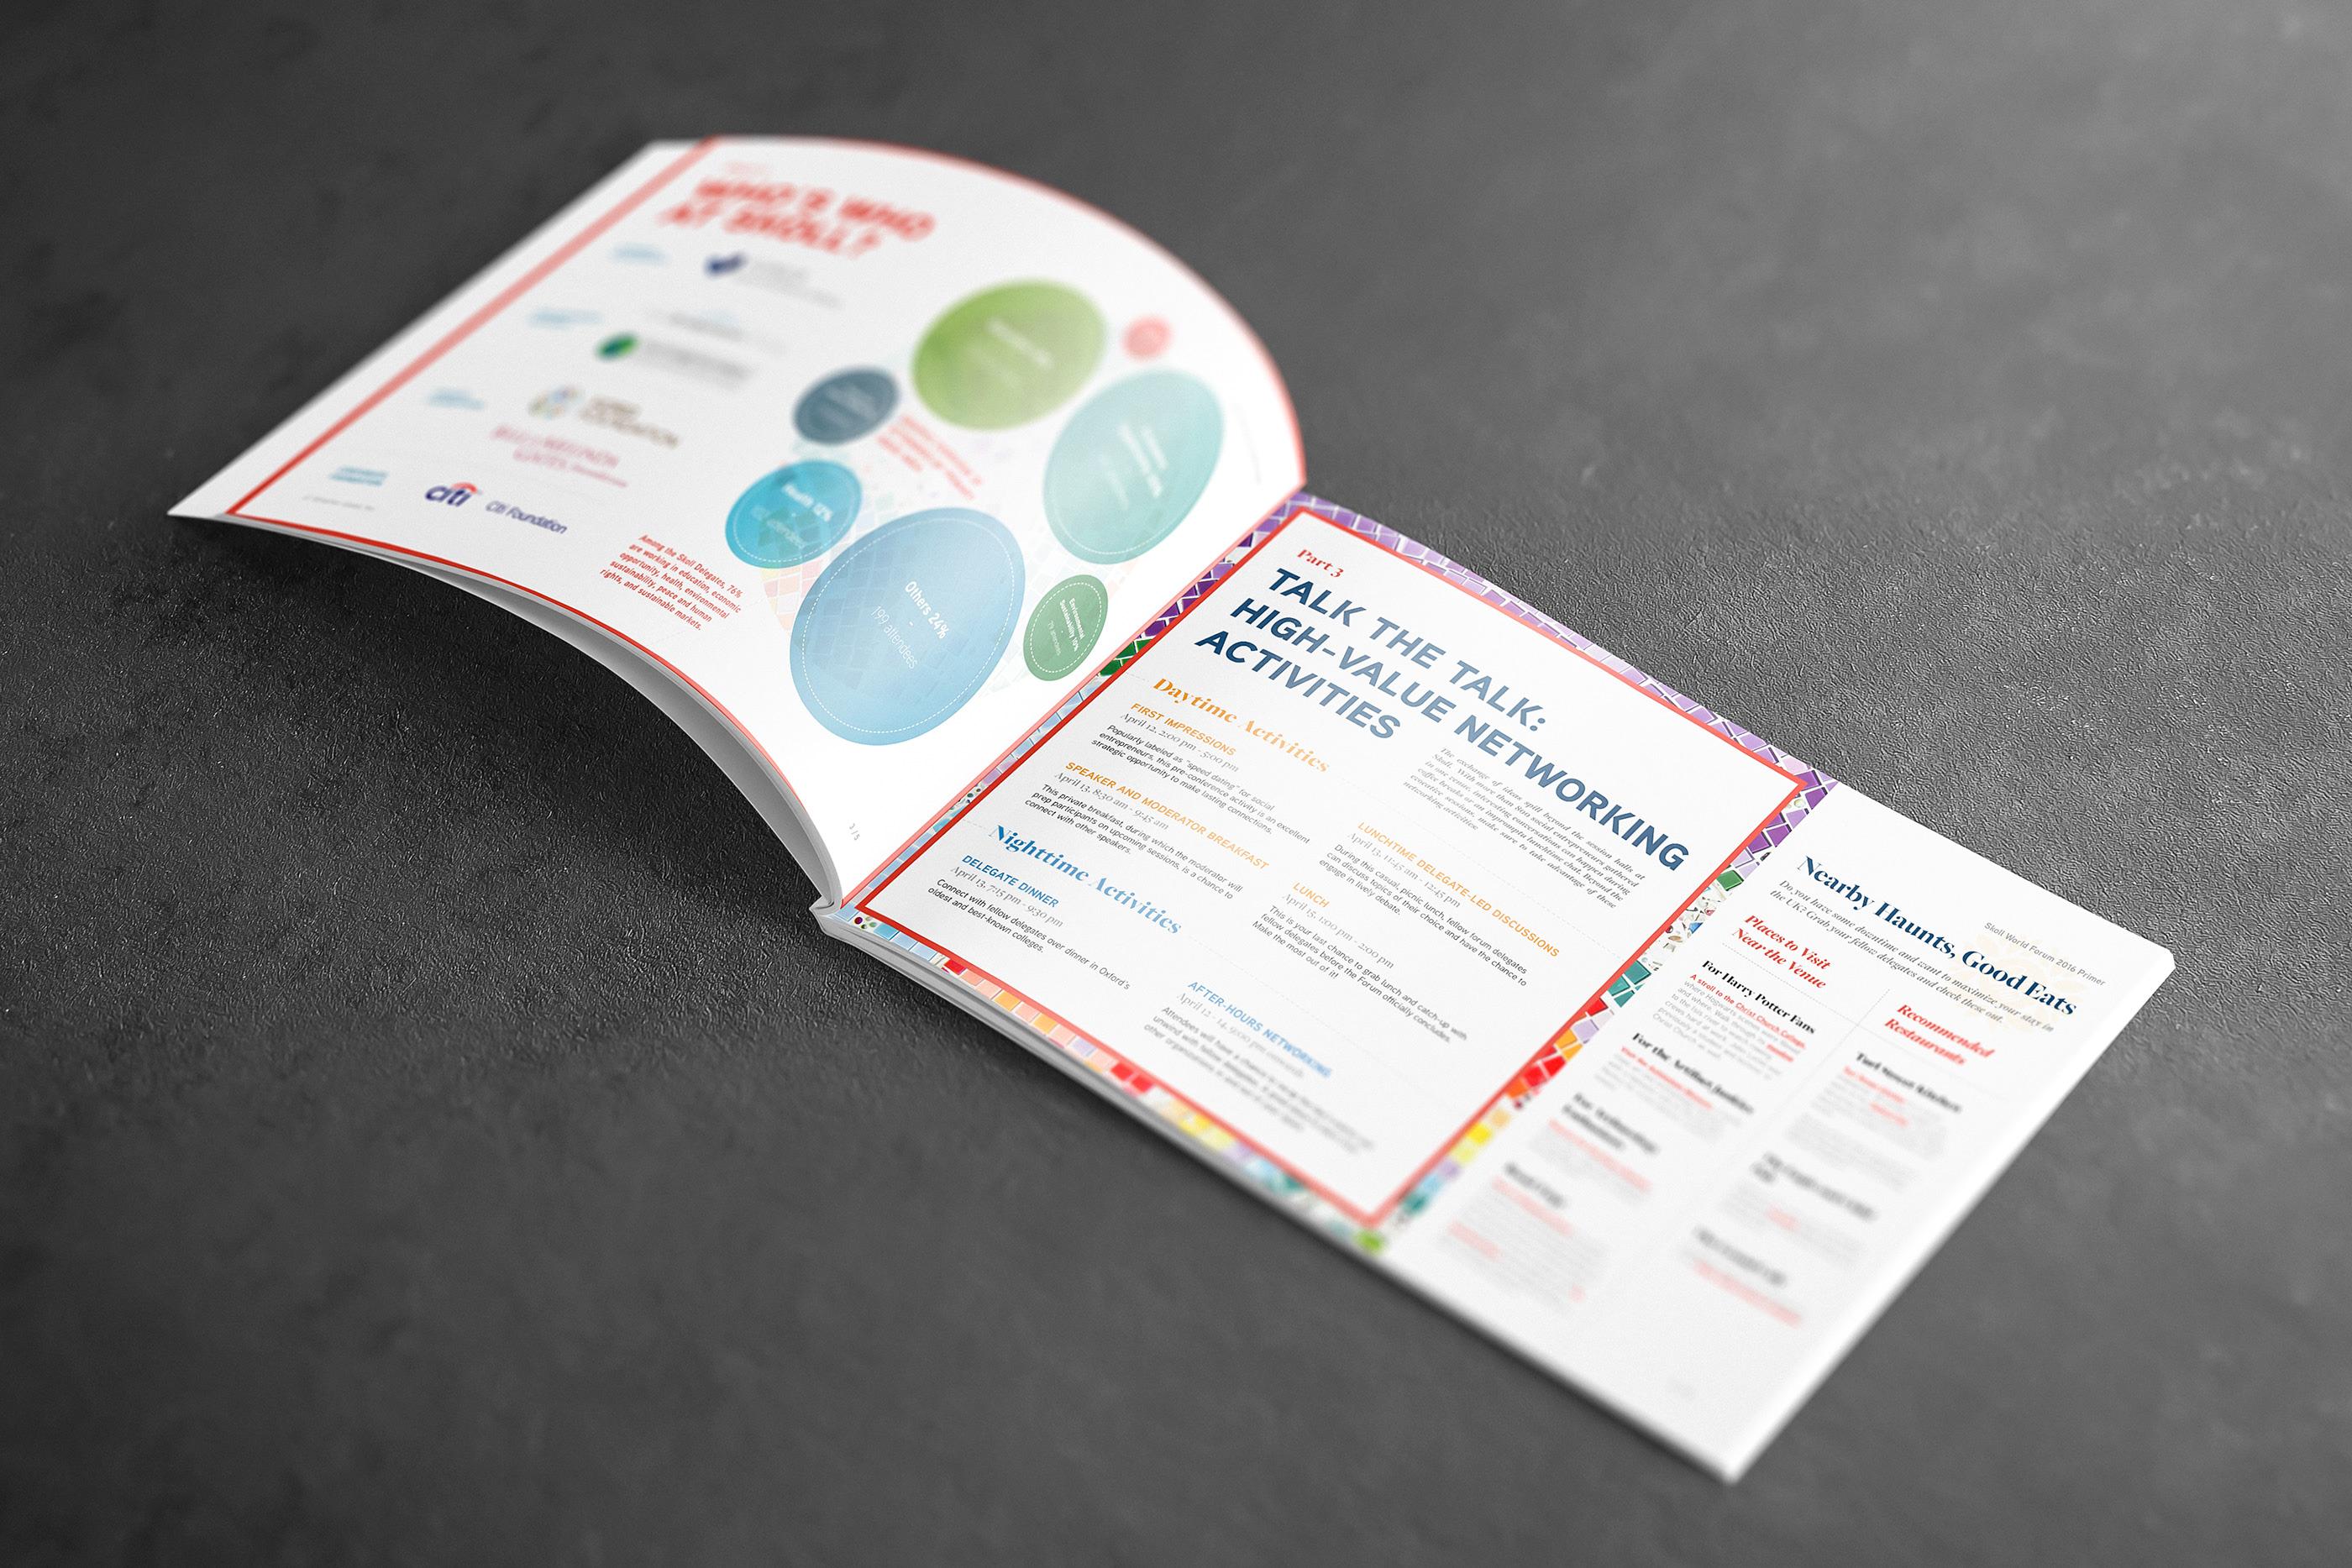 Skoll World Forum Primer for Smarter Good on Behance